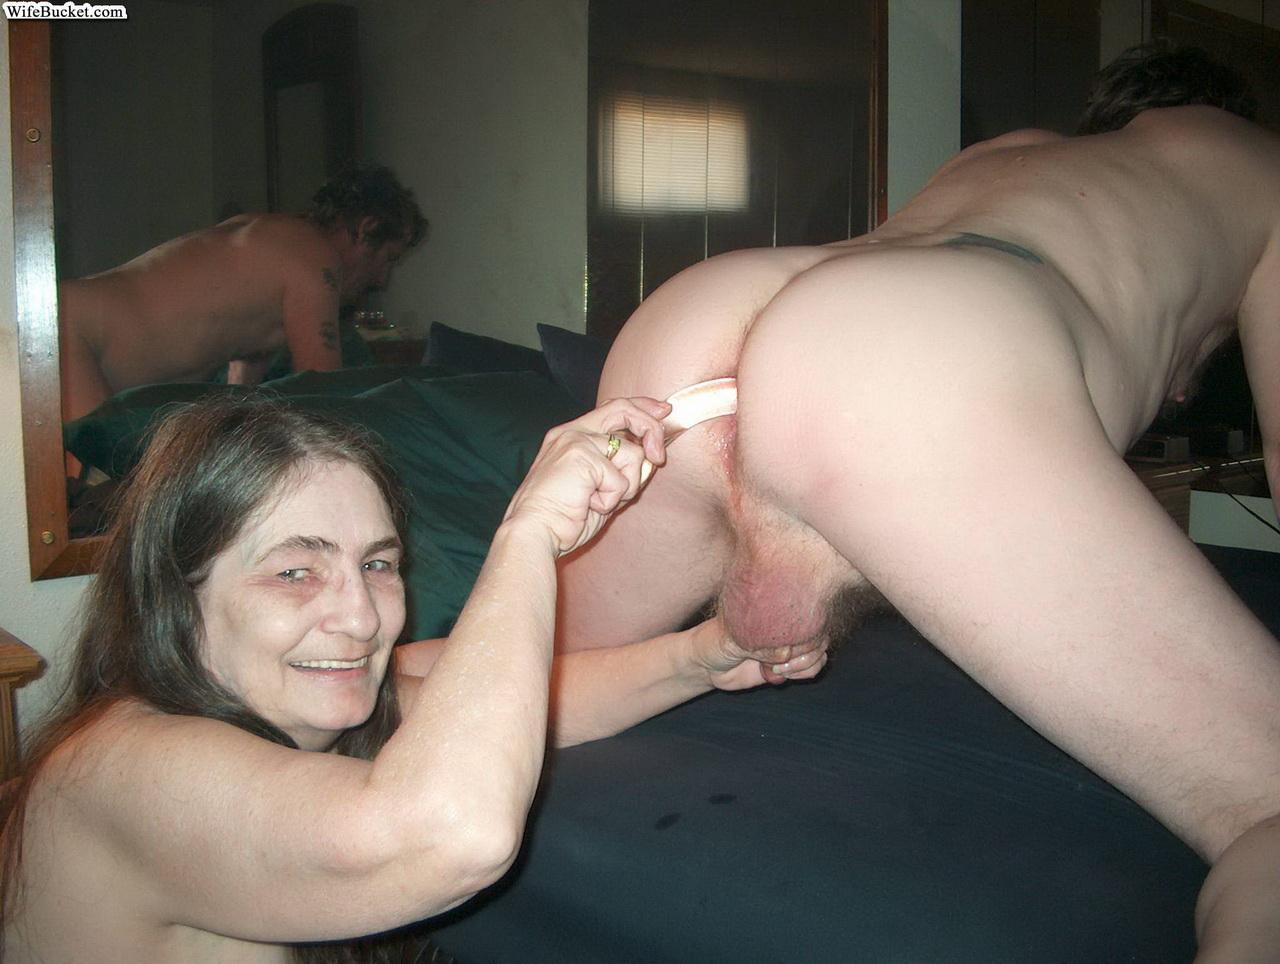 смотреть порнографию старые извращенцы чем